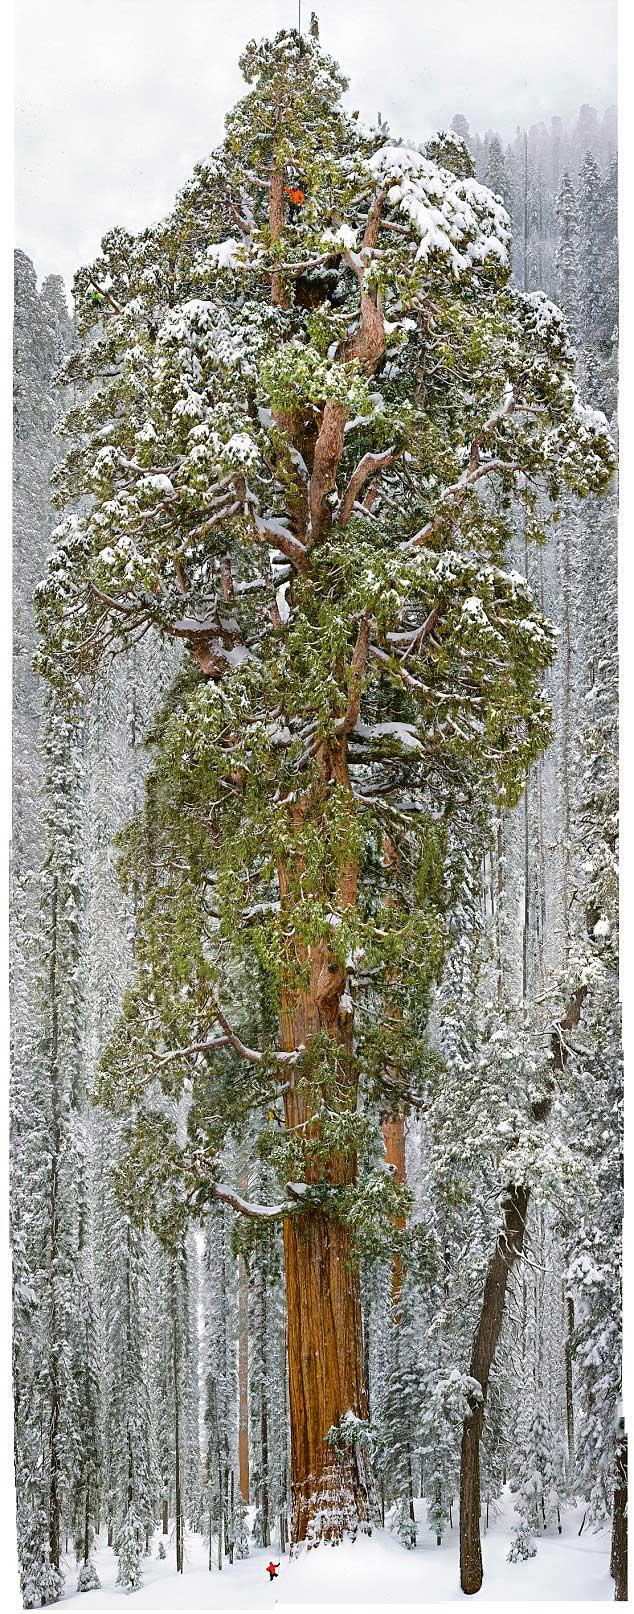 Gigantesco árbol de 3200 años capturado en una sola imagen. Impresionante! 13999347898_95bc96f0ca_o